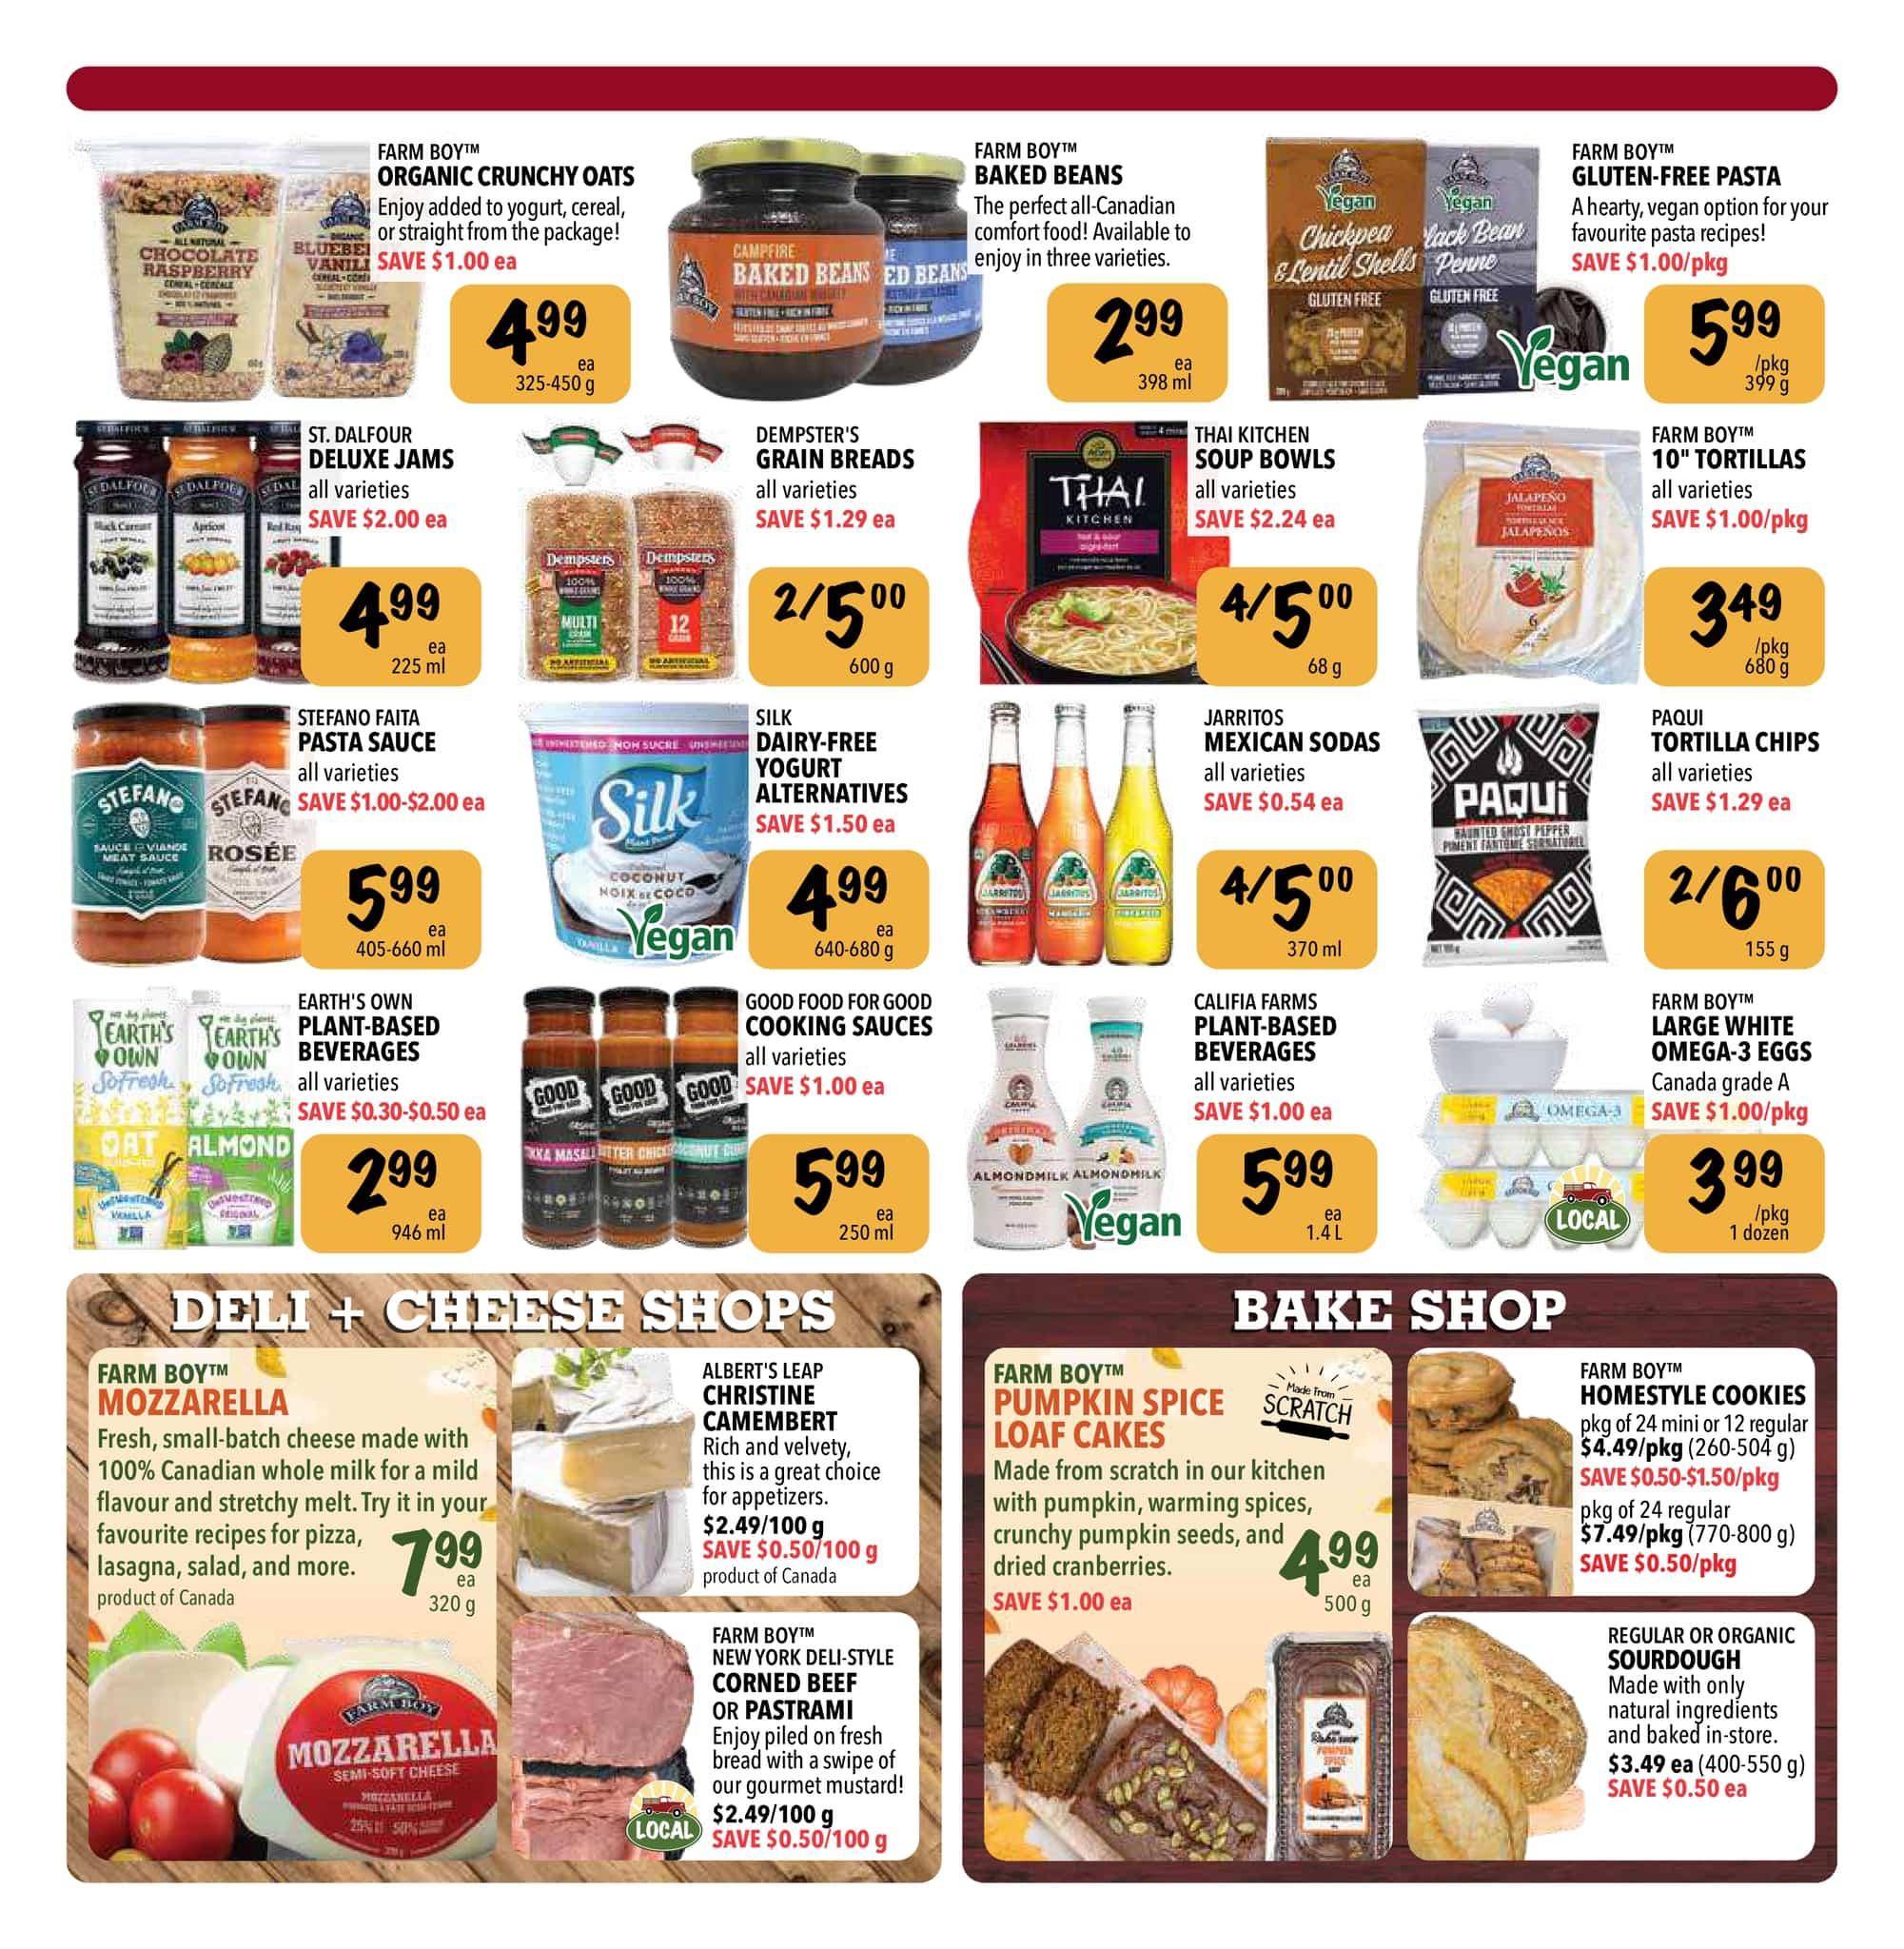 Farm Boy - Weekly Flyer Specials - Page 4